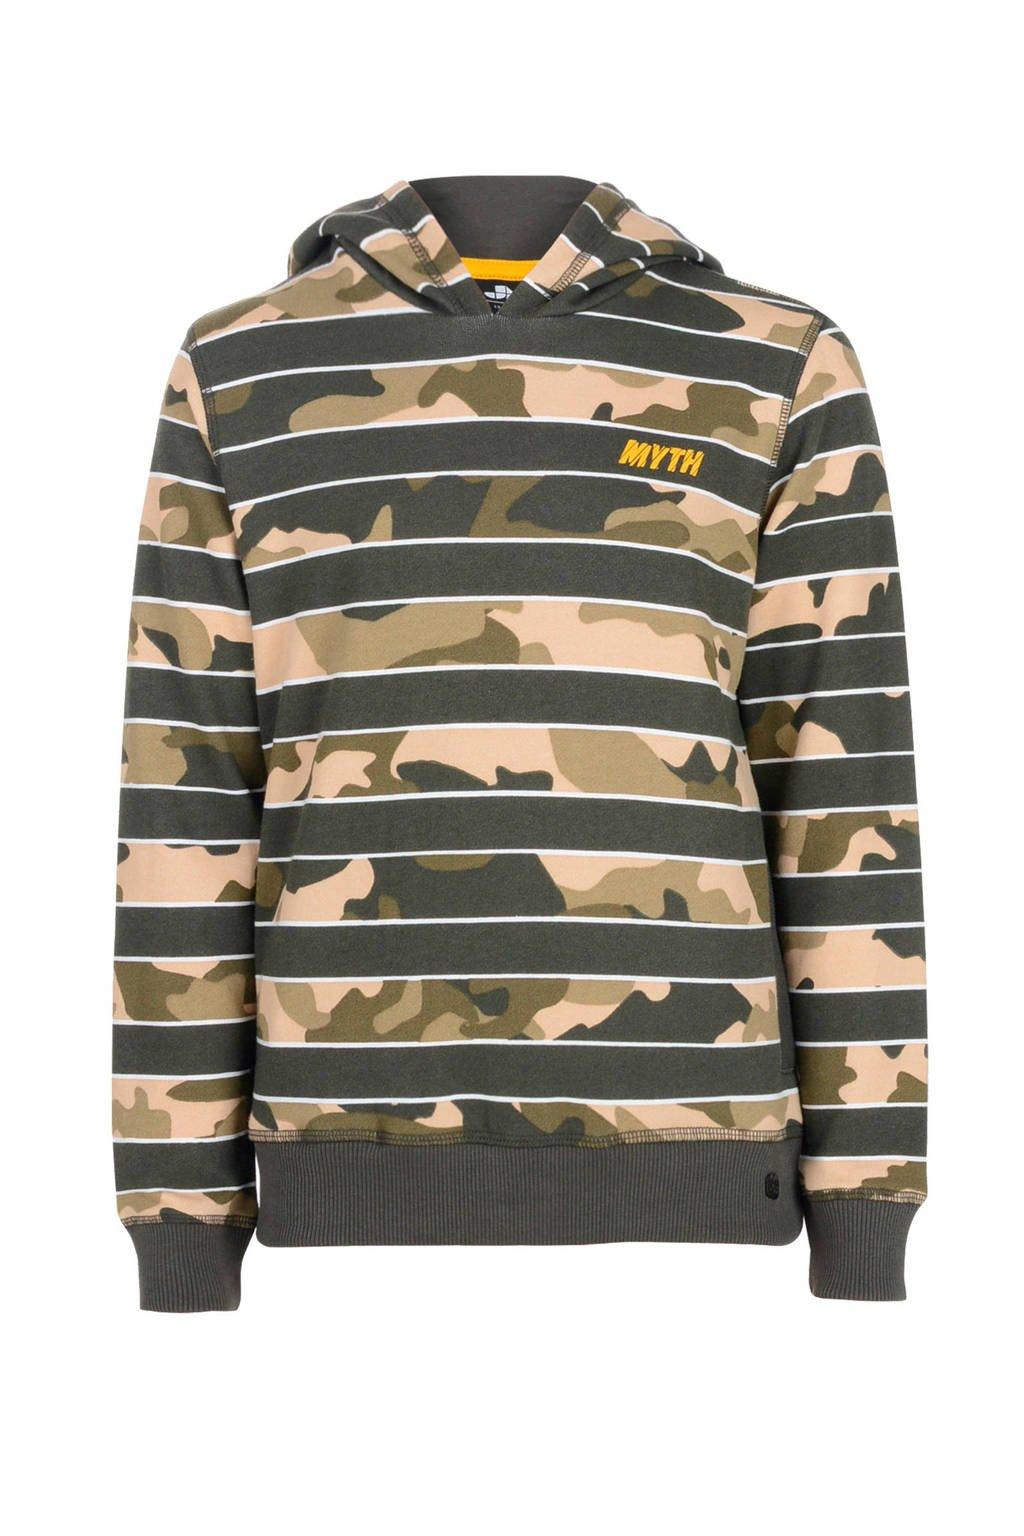 Mitch hoodie Capo met camouflageprint grijs/beige/kaki, Grijs/beige/kaki